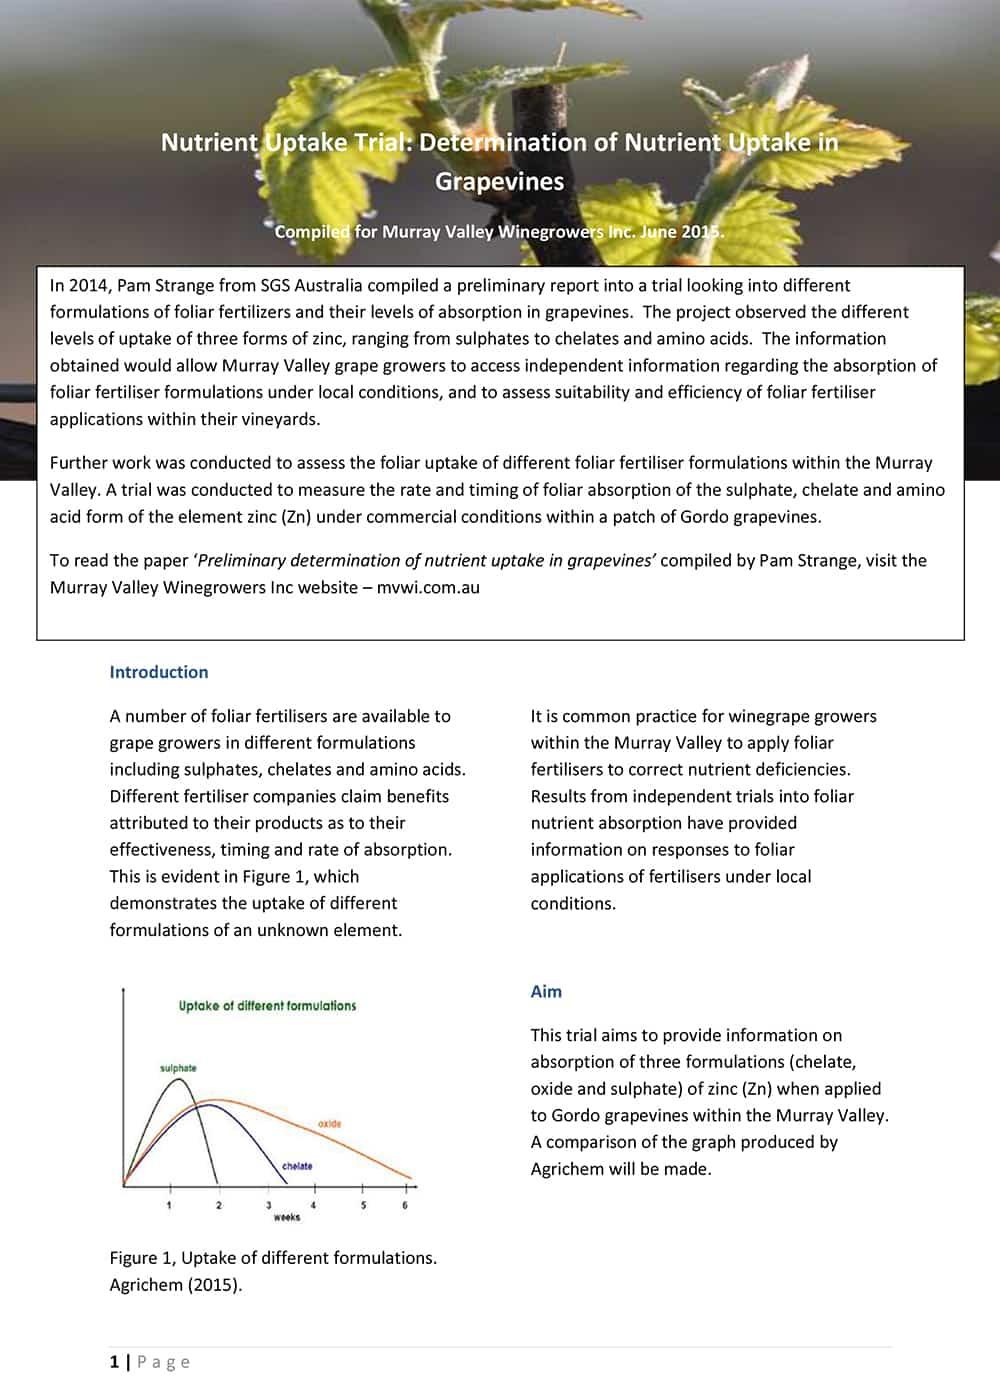 Nutrient Uptake Trial: Determination of Nutrient Uptake in Grapevines